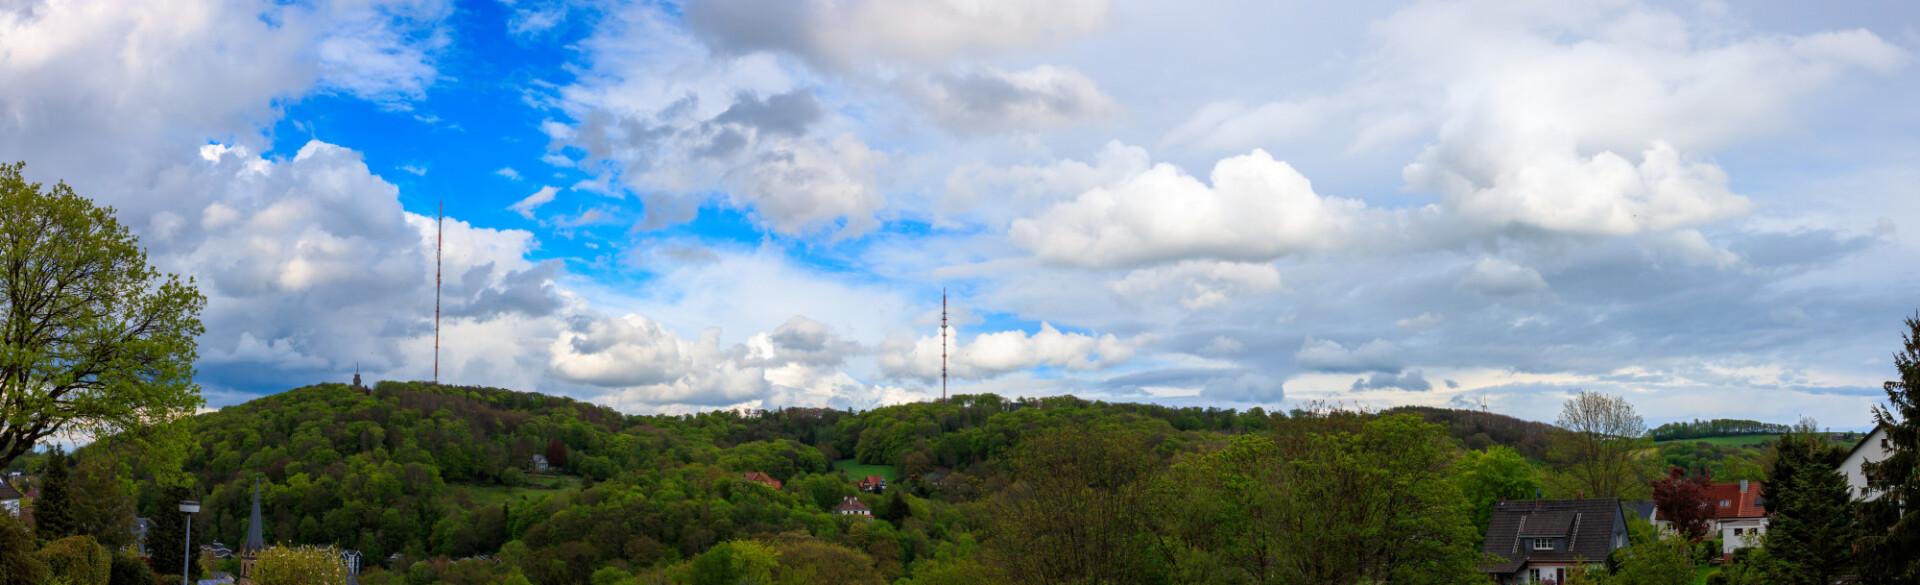 Transmitter in Velbert Langenberg Landscape